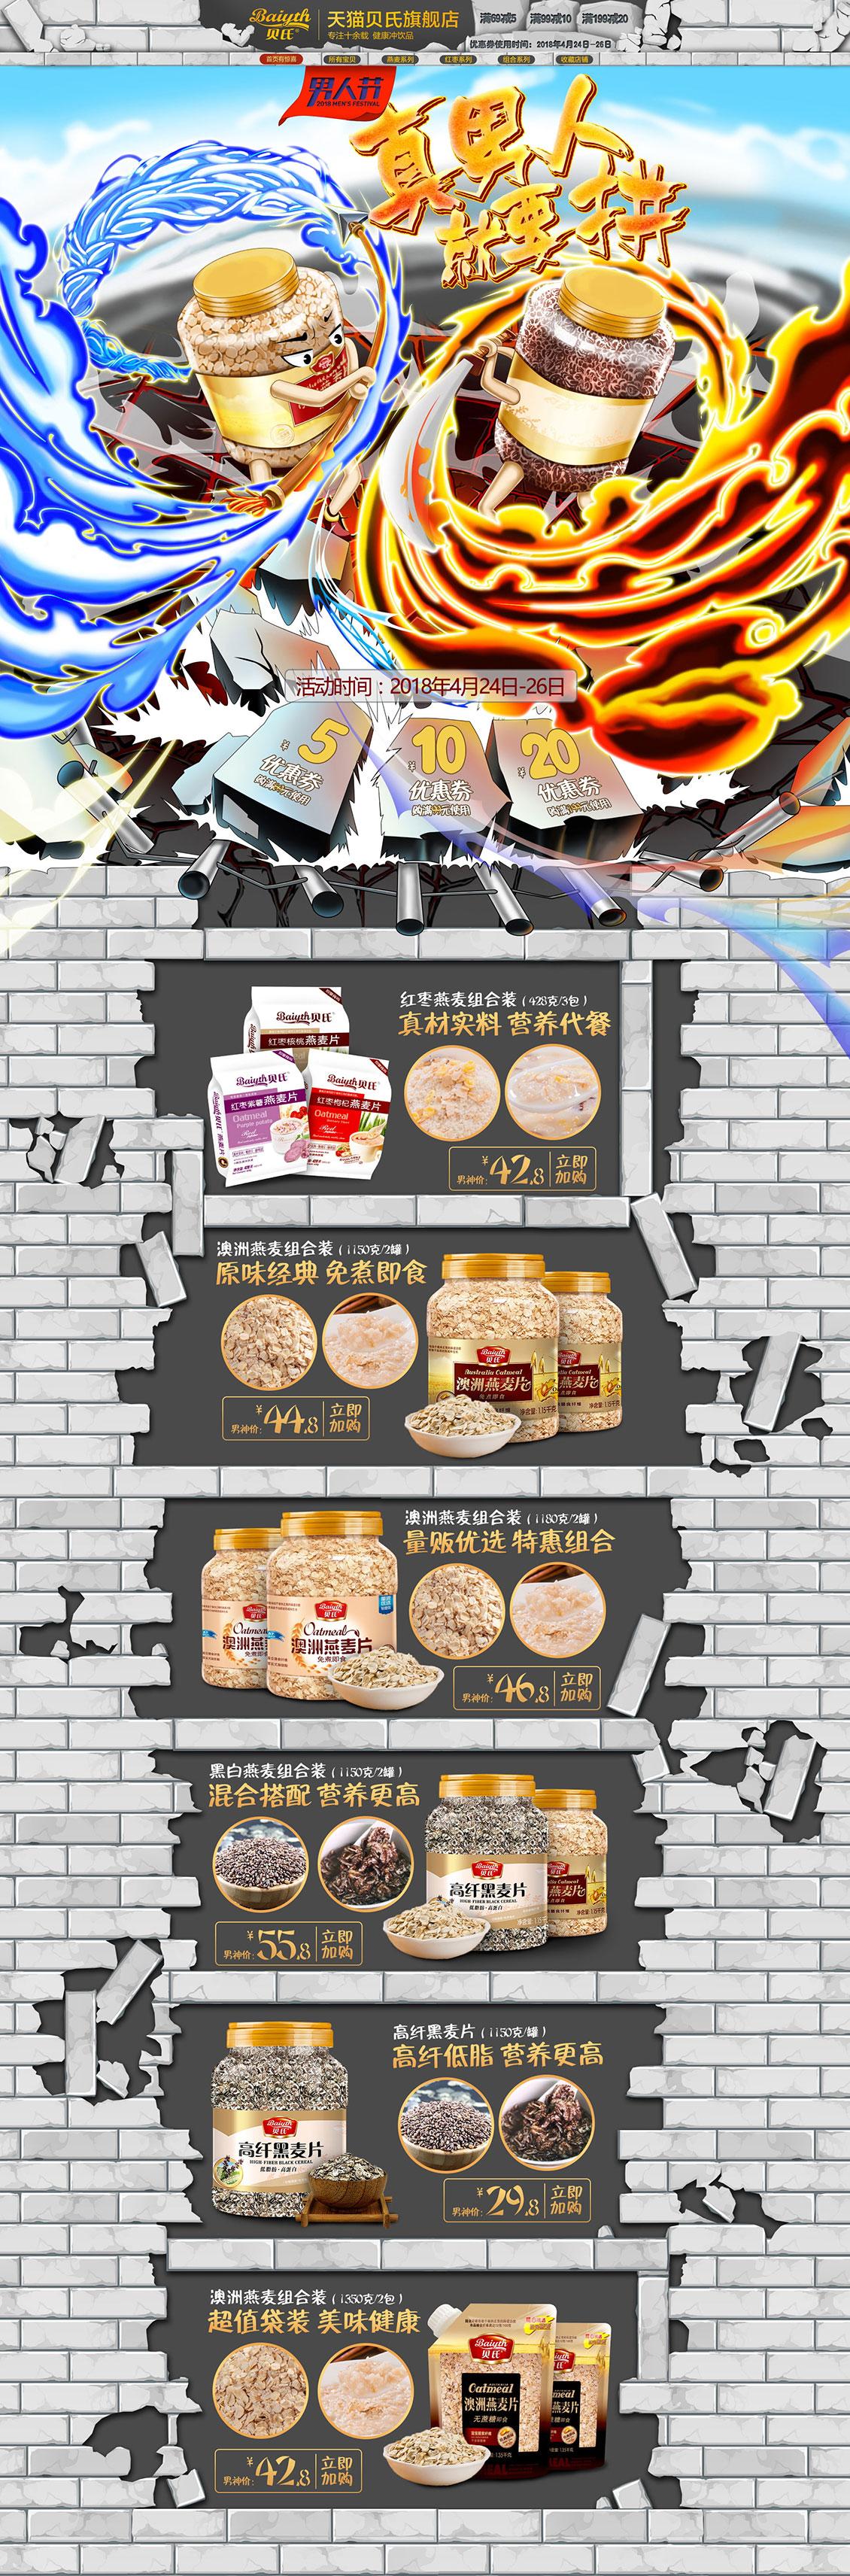 贝氏 食品 零食 酒水 男人节 天猫首页活动专题网页设计